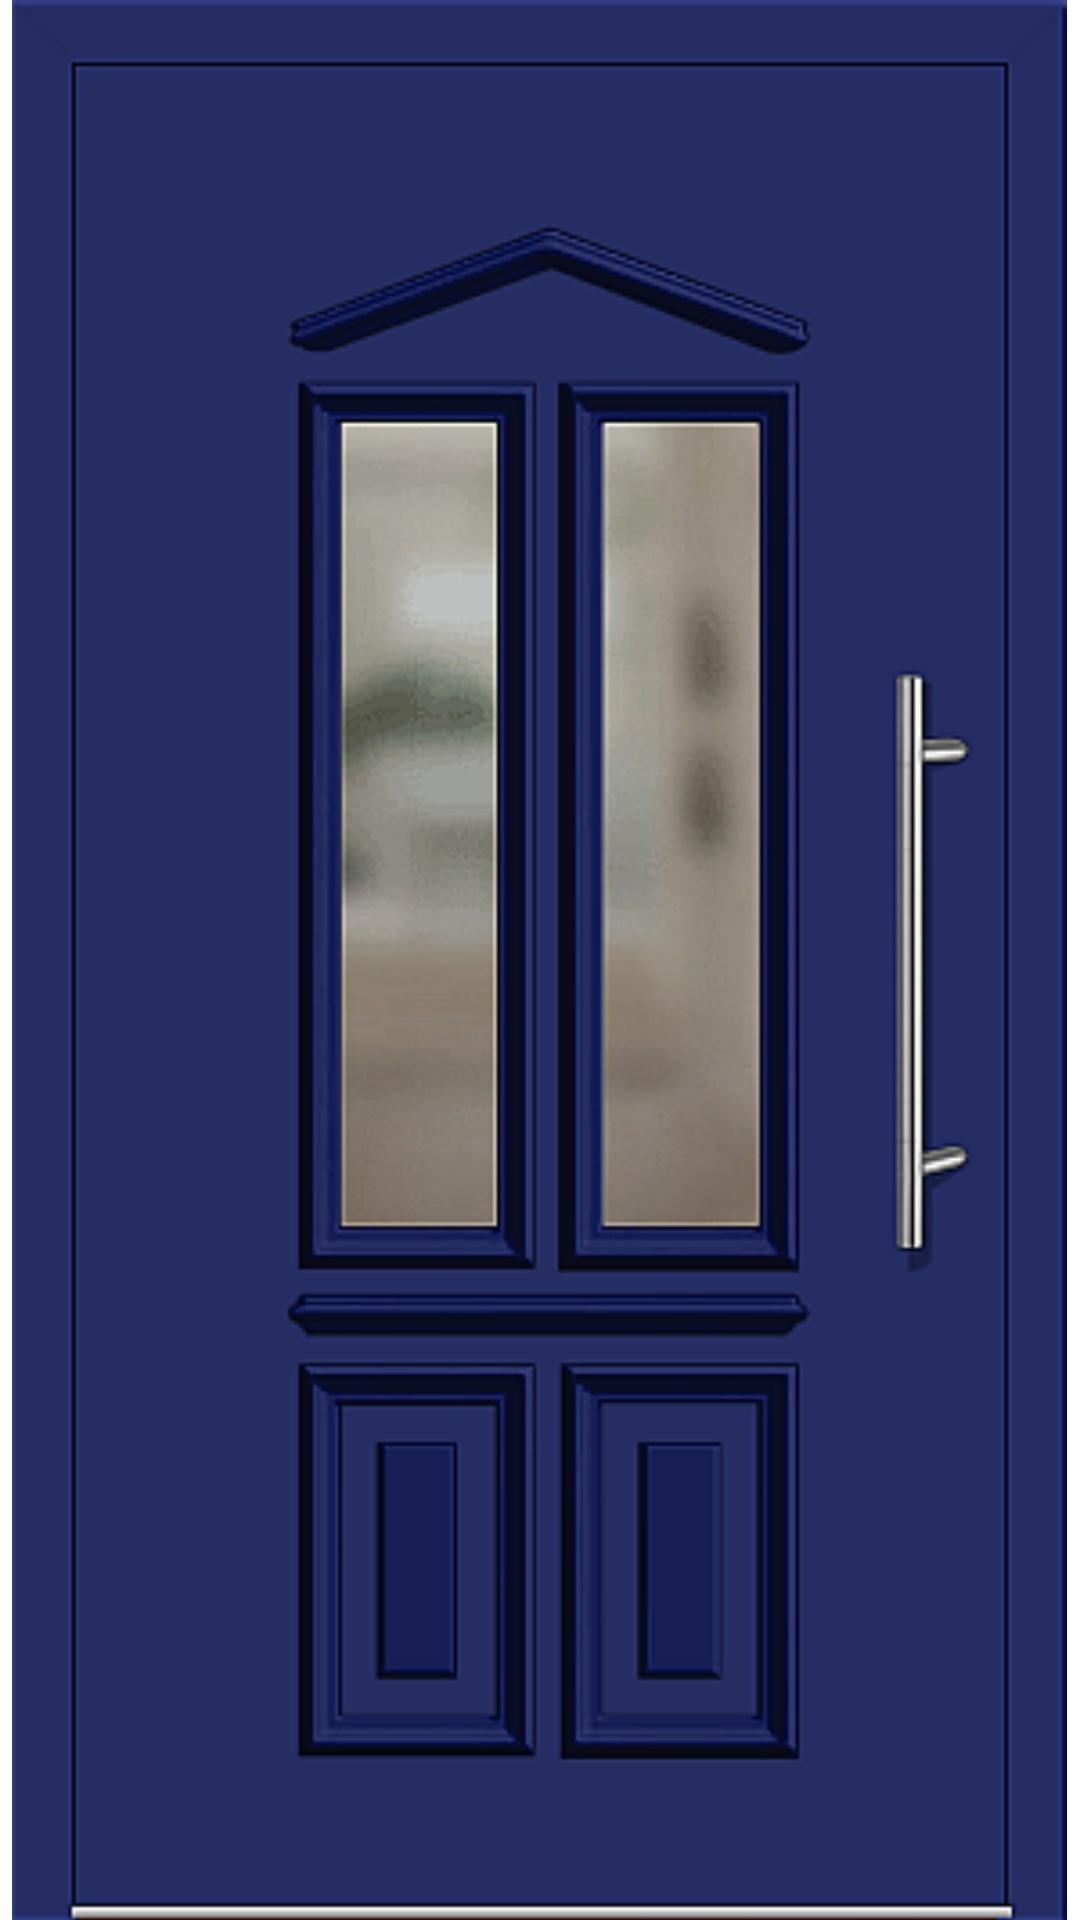 Kunststoff Haustür Modell 6460-10 ultramarinblau